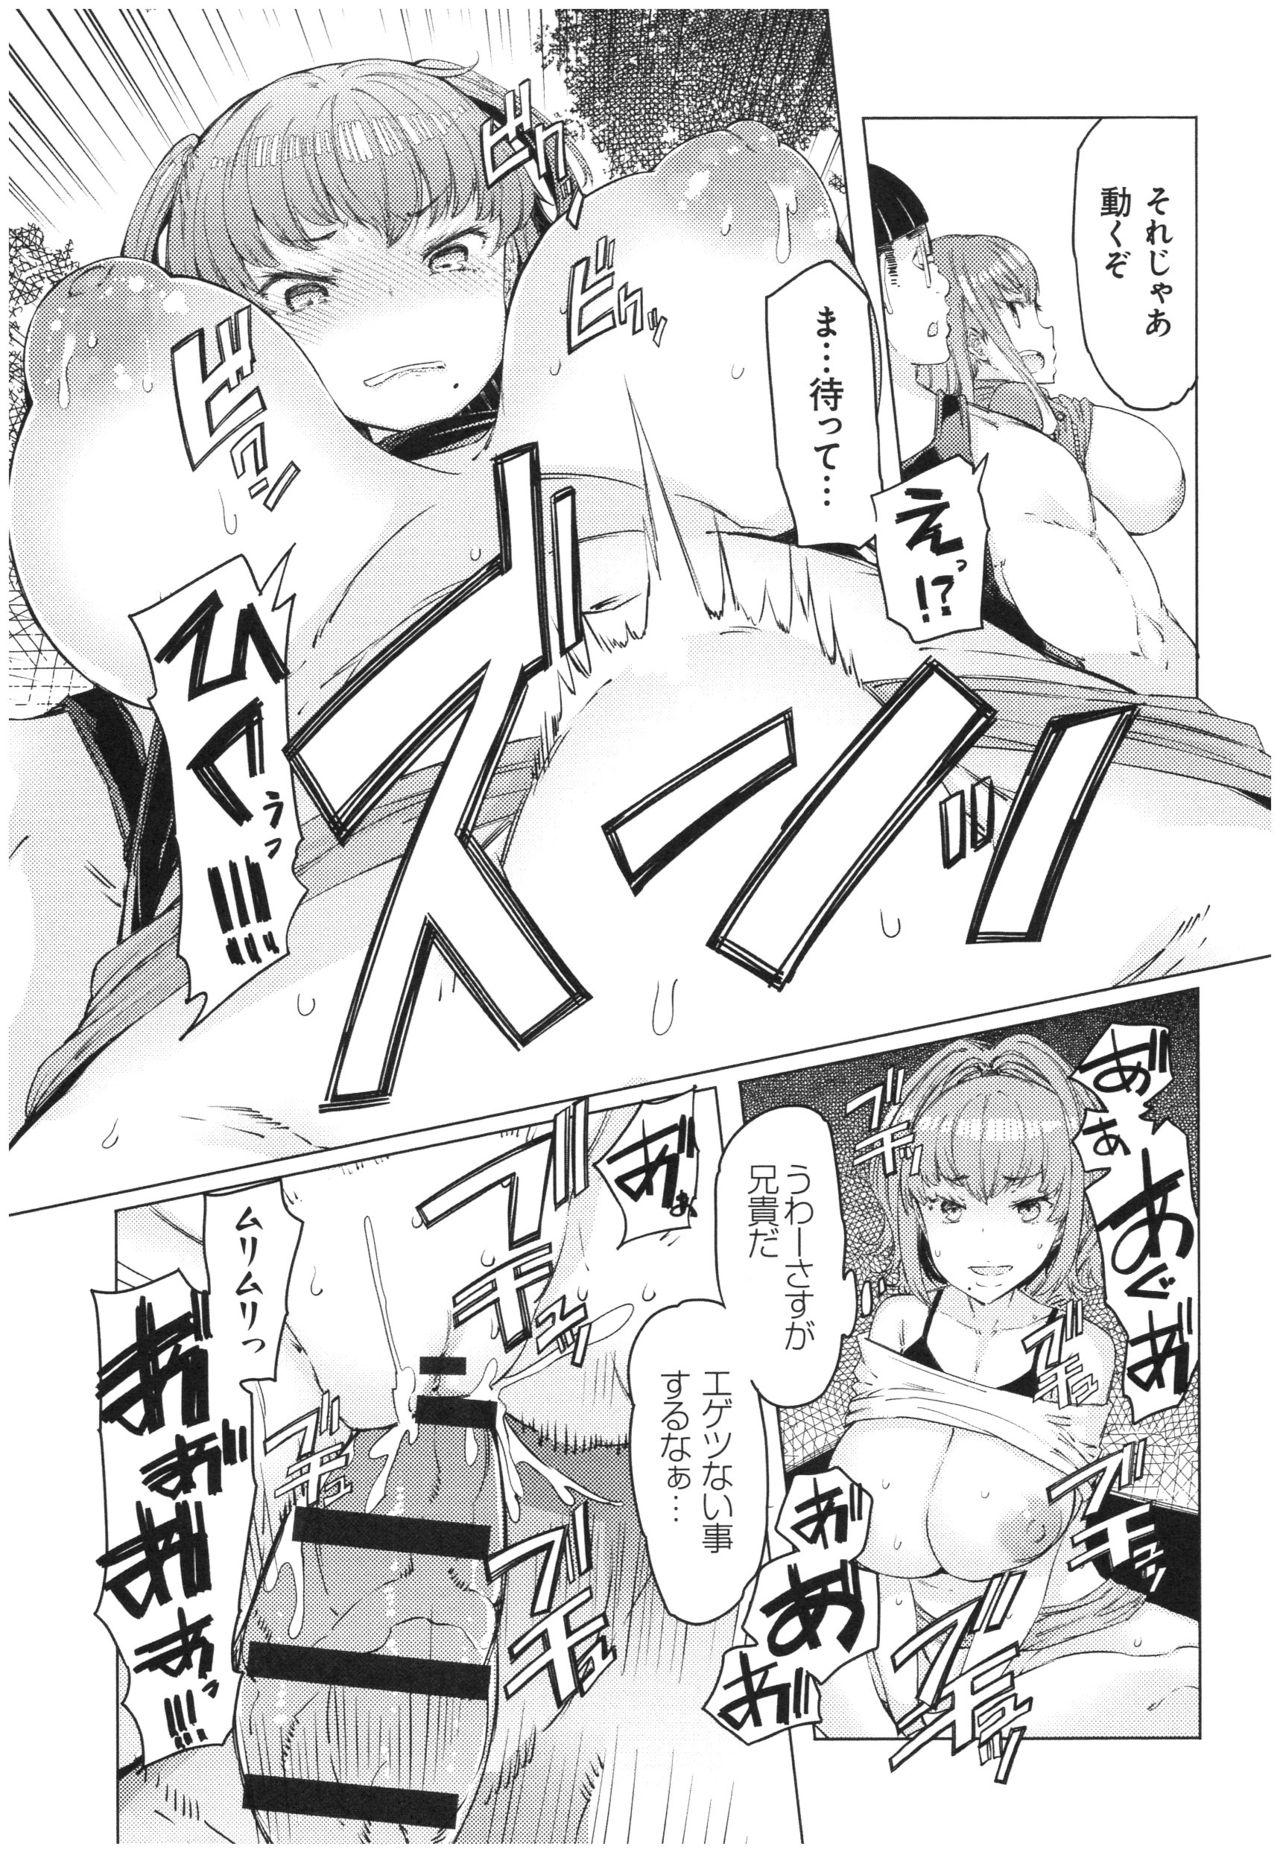 【エロ漫画】兄妹で大自然の中青姦セックス!!やっぱ雄大な自然の中で家族のきずなを深めるにはHだよなww